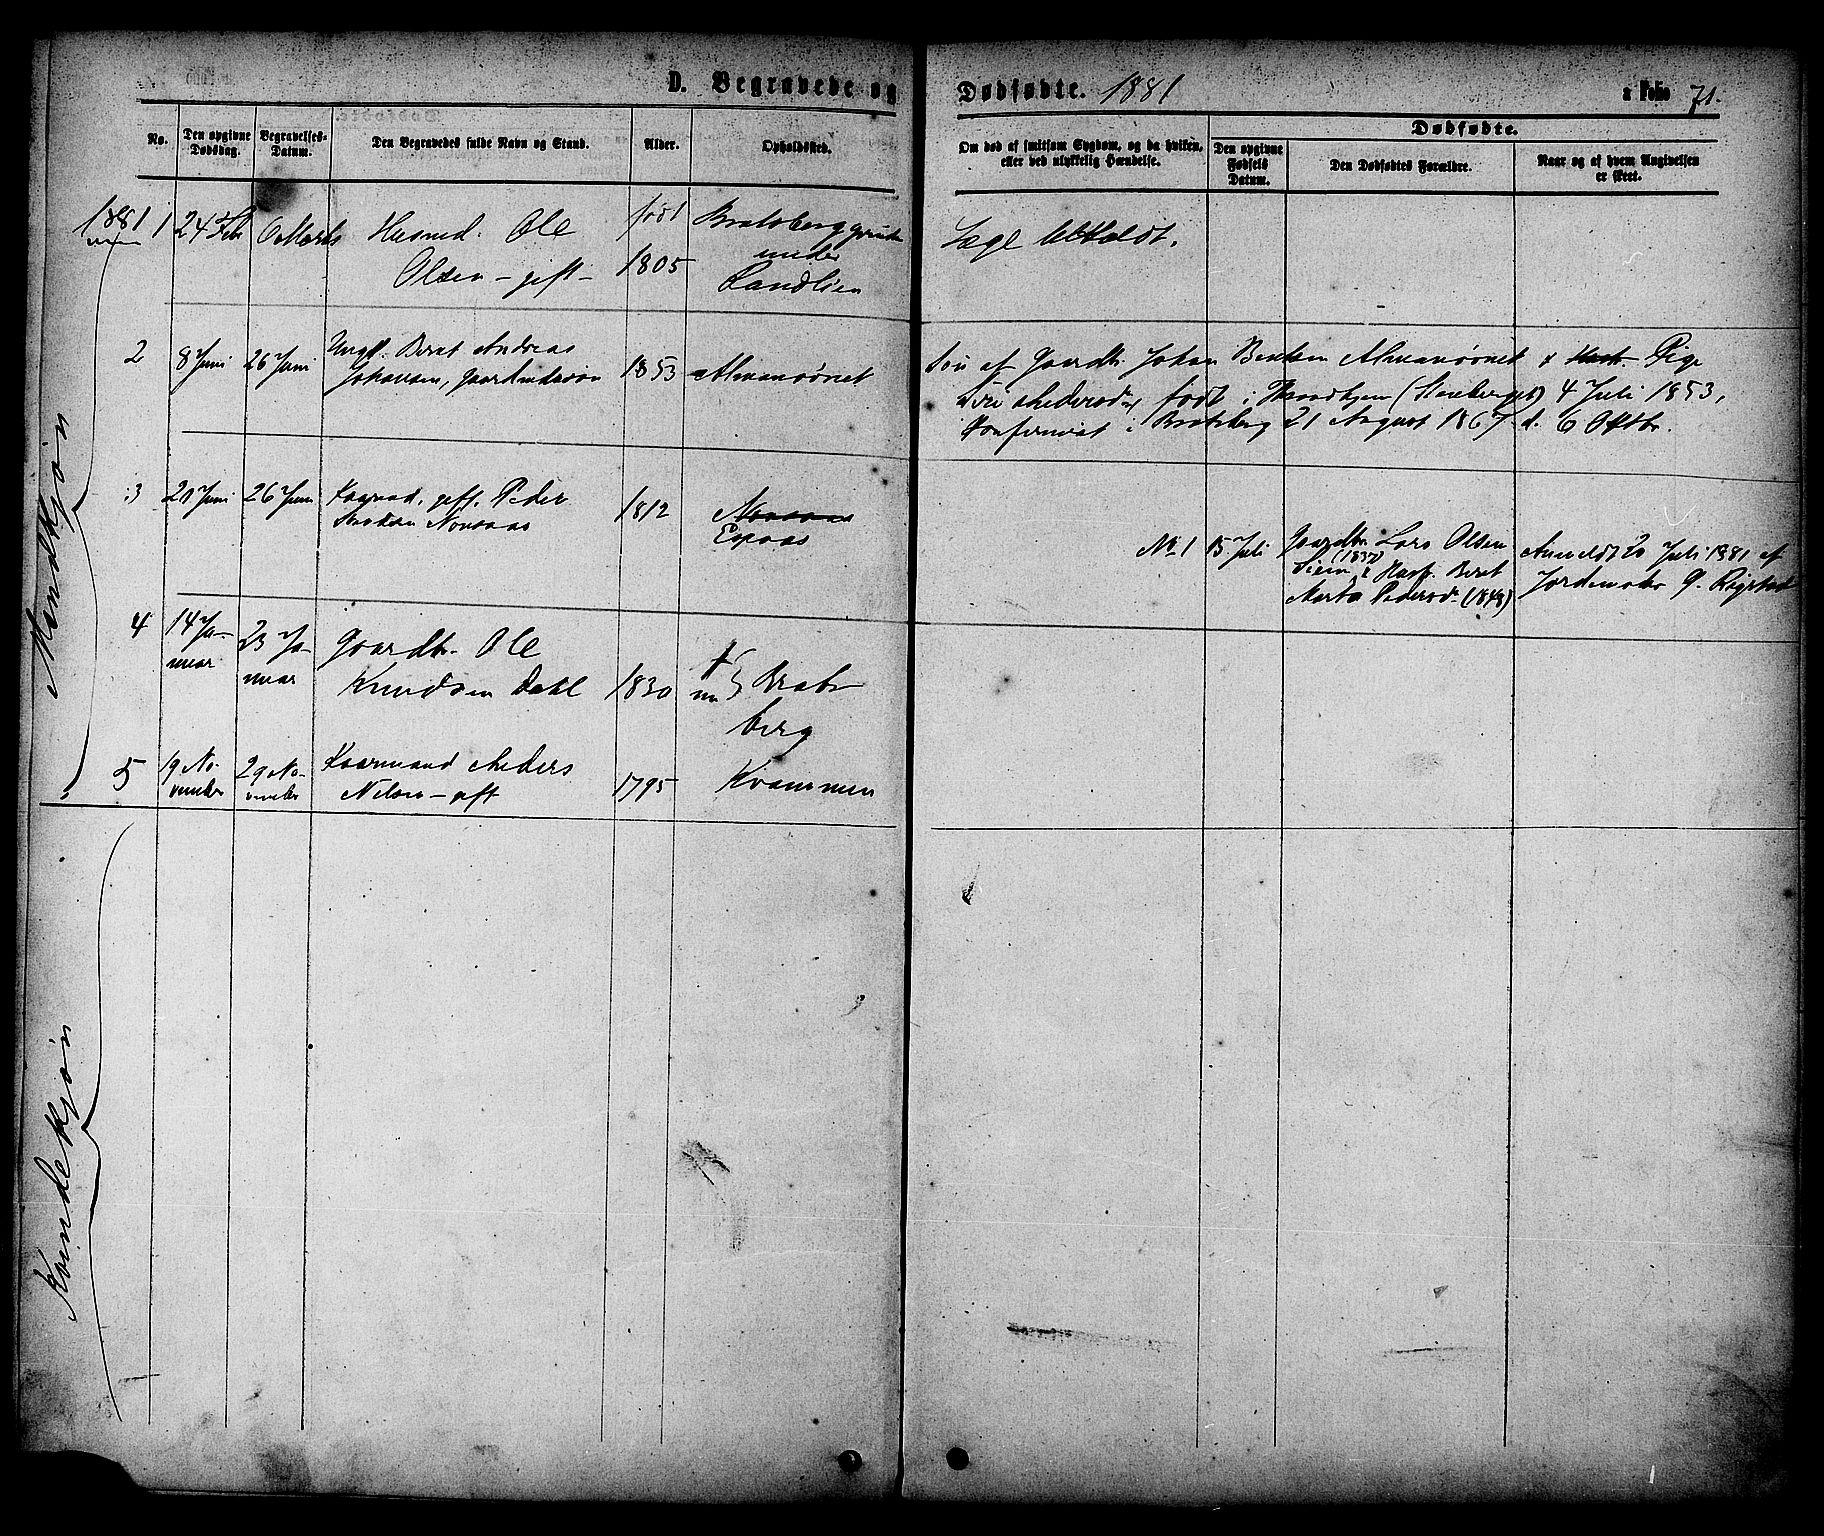 SAT, Ministerialprotokoller, klokkerbøker og fødselsregistre - Sør-Trøndelag, 608/L0334: Ministerialbok nr. 608A03, 1877-1886, s. 71